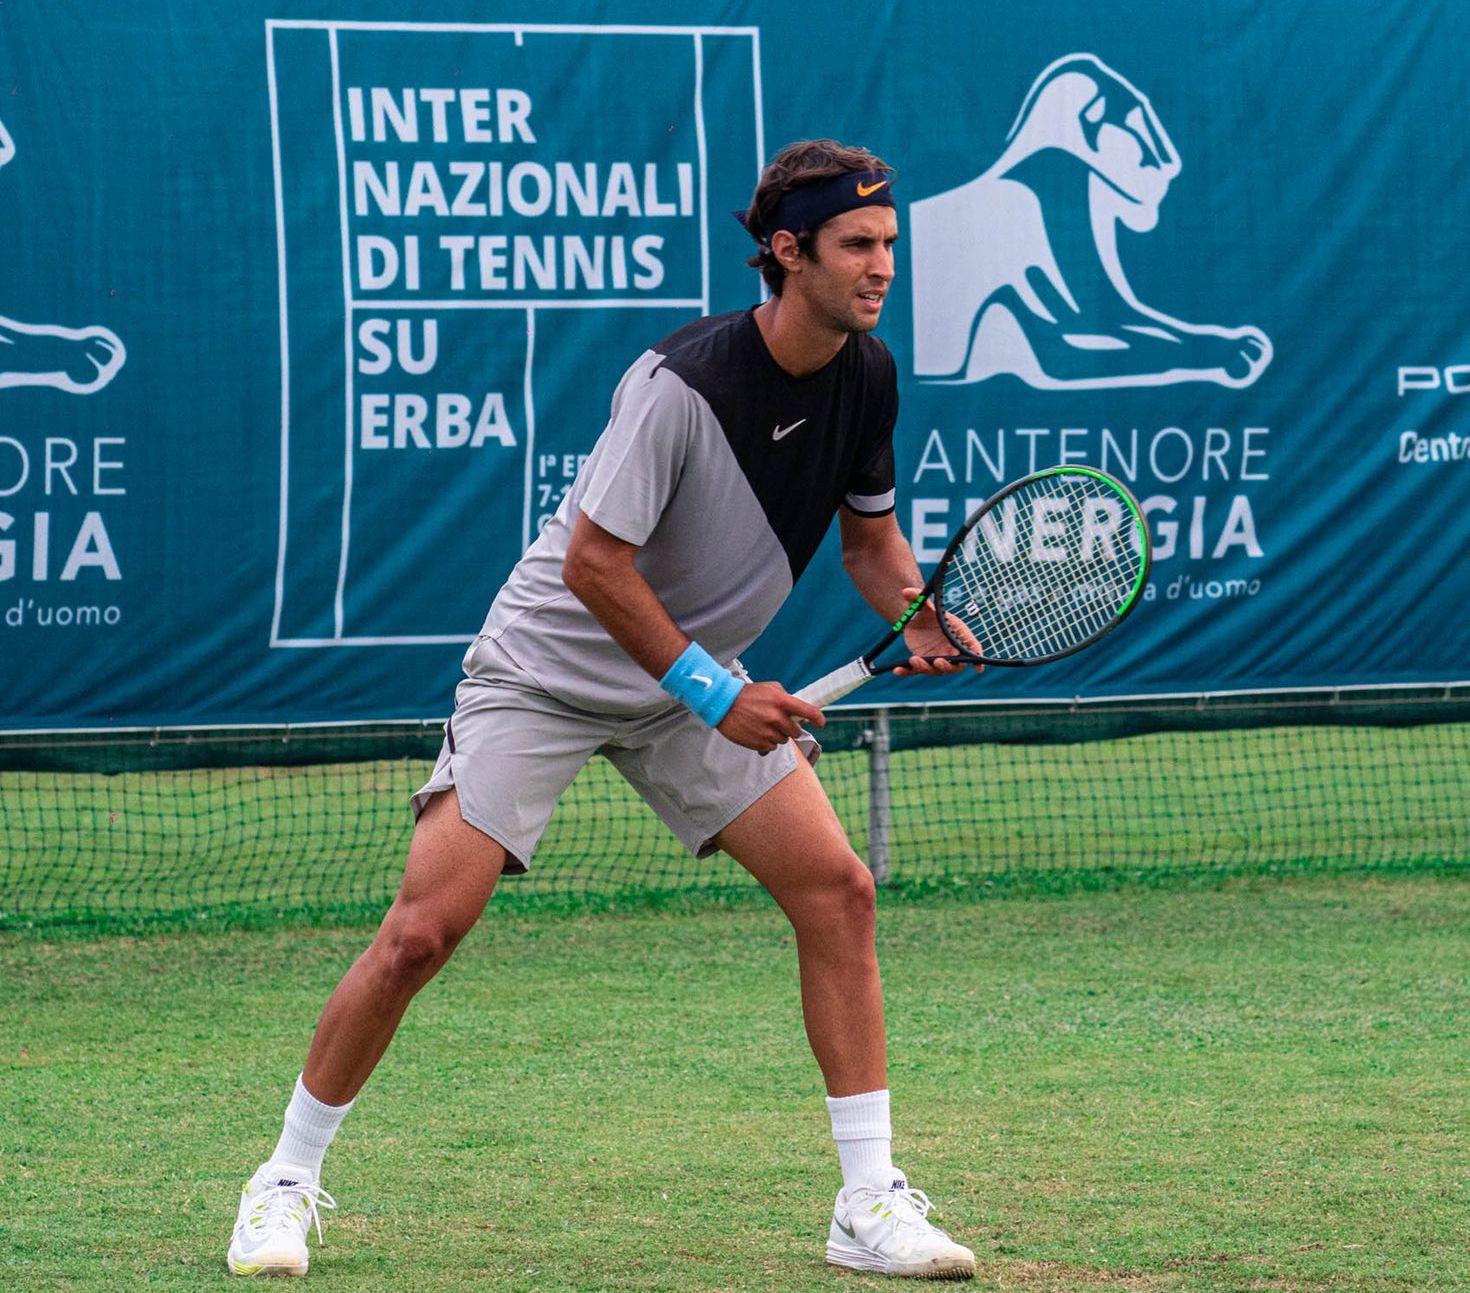 Iniziati gli Internazionali di tennis su erba al Tennis Gaiba